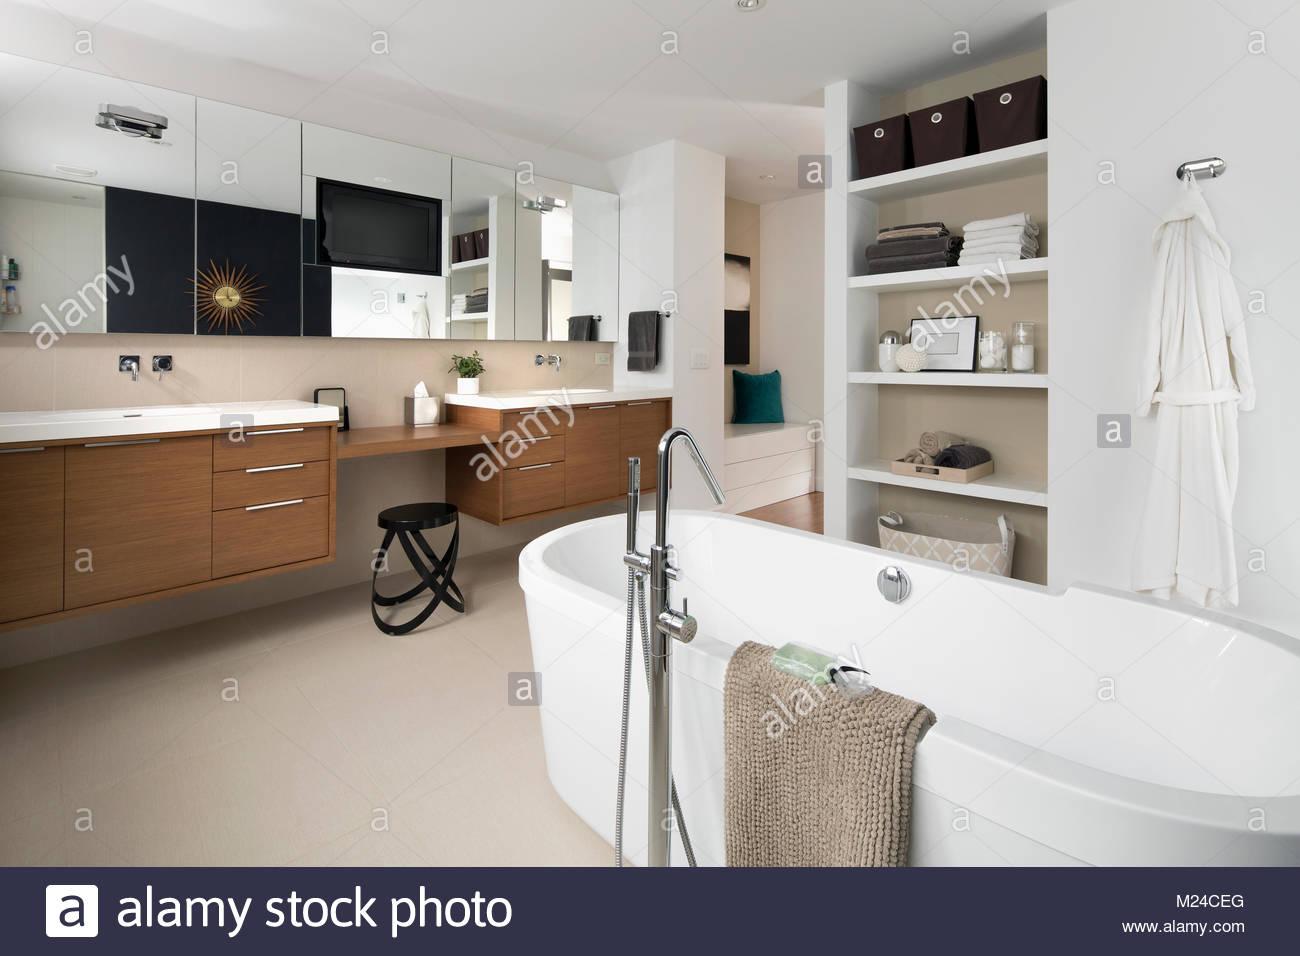 Vasca Da Bagno In Acrilico 180x81x60 Design Freestanding Ovale : Vasca da bagno moderna vasca da bagno in acrilico rettangolare